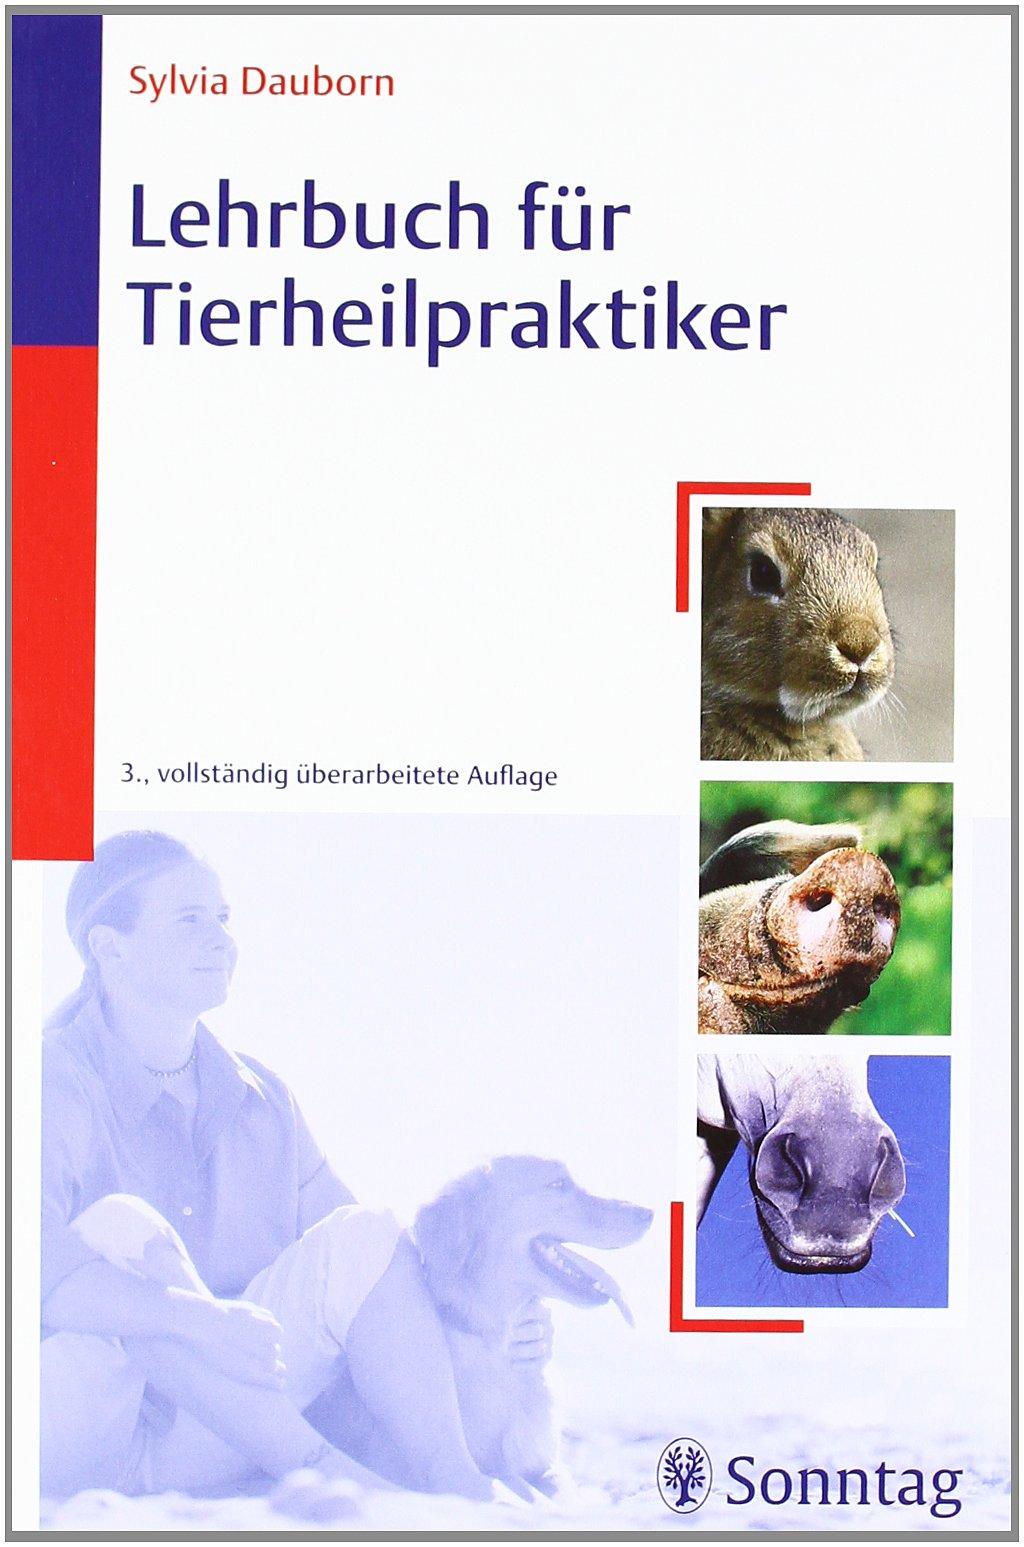 Lehrbuch für Tierheilpraktiker: Amazon.de: Sylvia Dauborn: Bücher